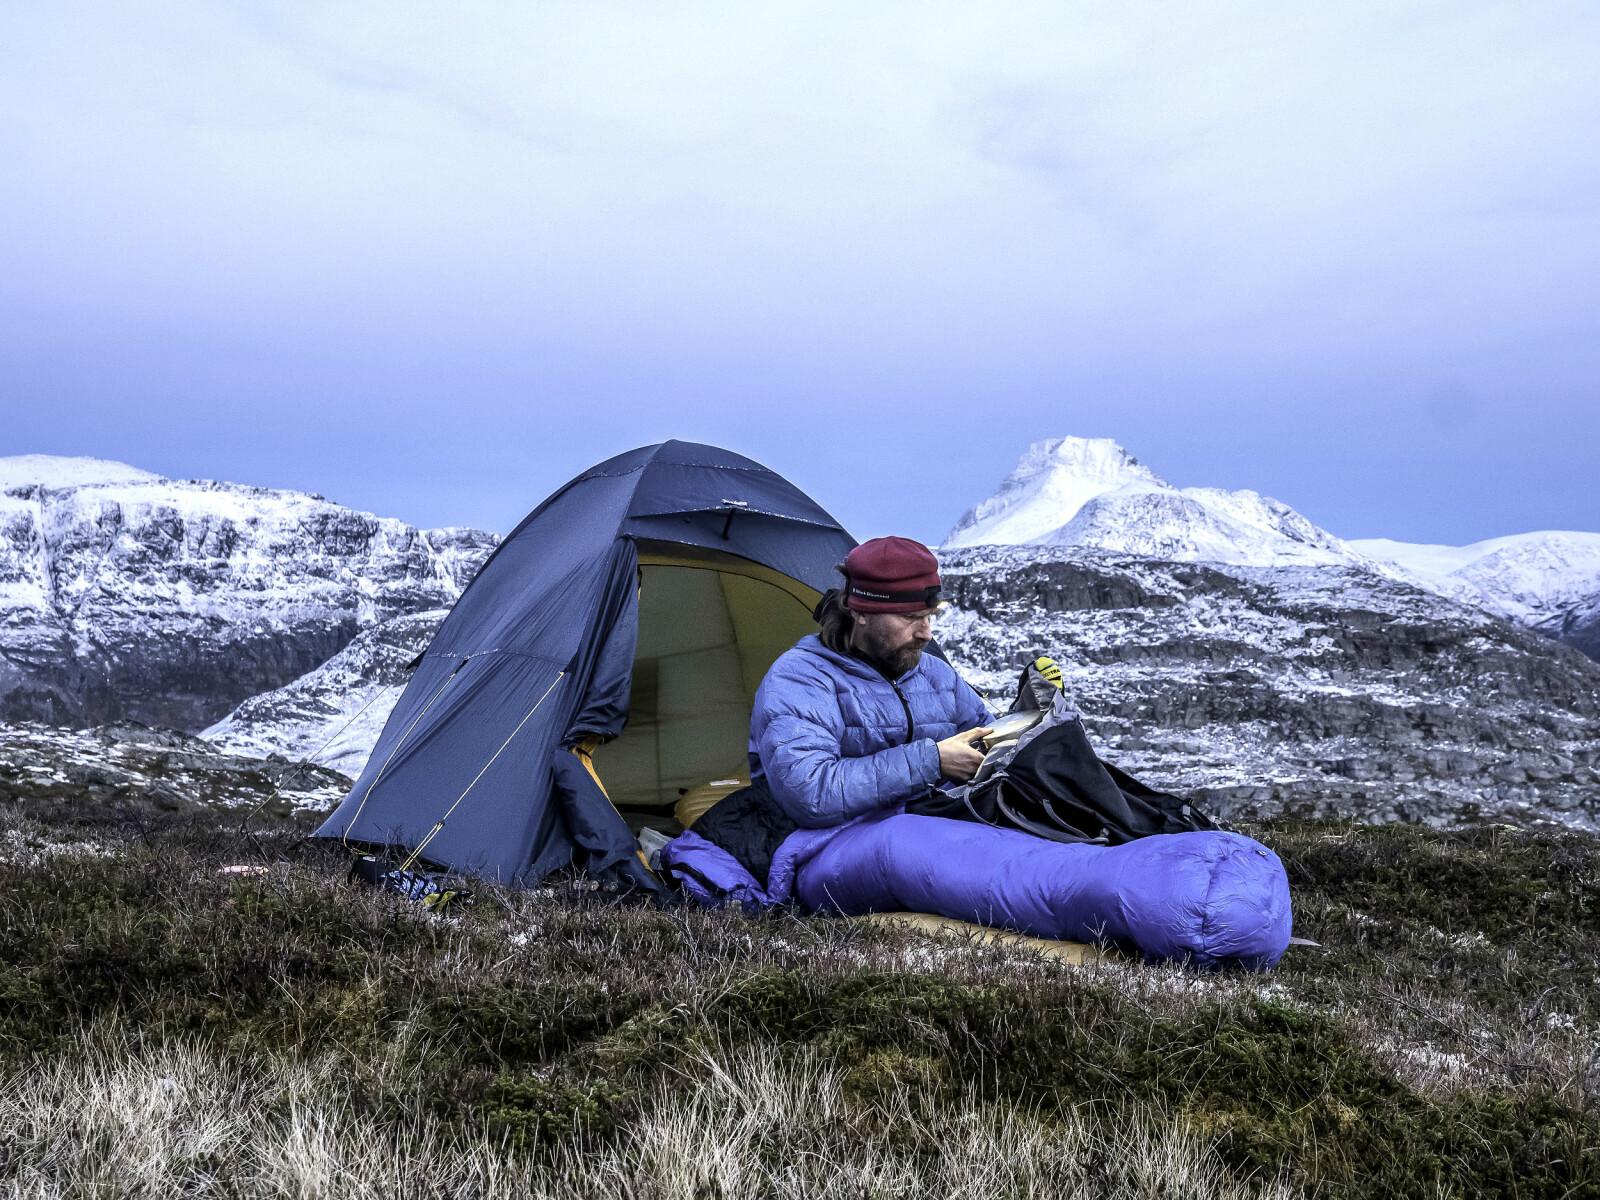 <b>LEIRLIV:</b> Verken telt eller sovepose er av de aller letteste. Jeg vil sove om natta – ikke fryse!